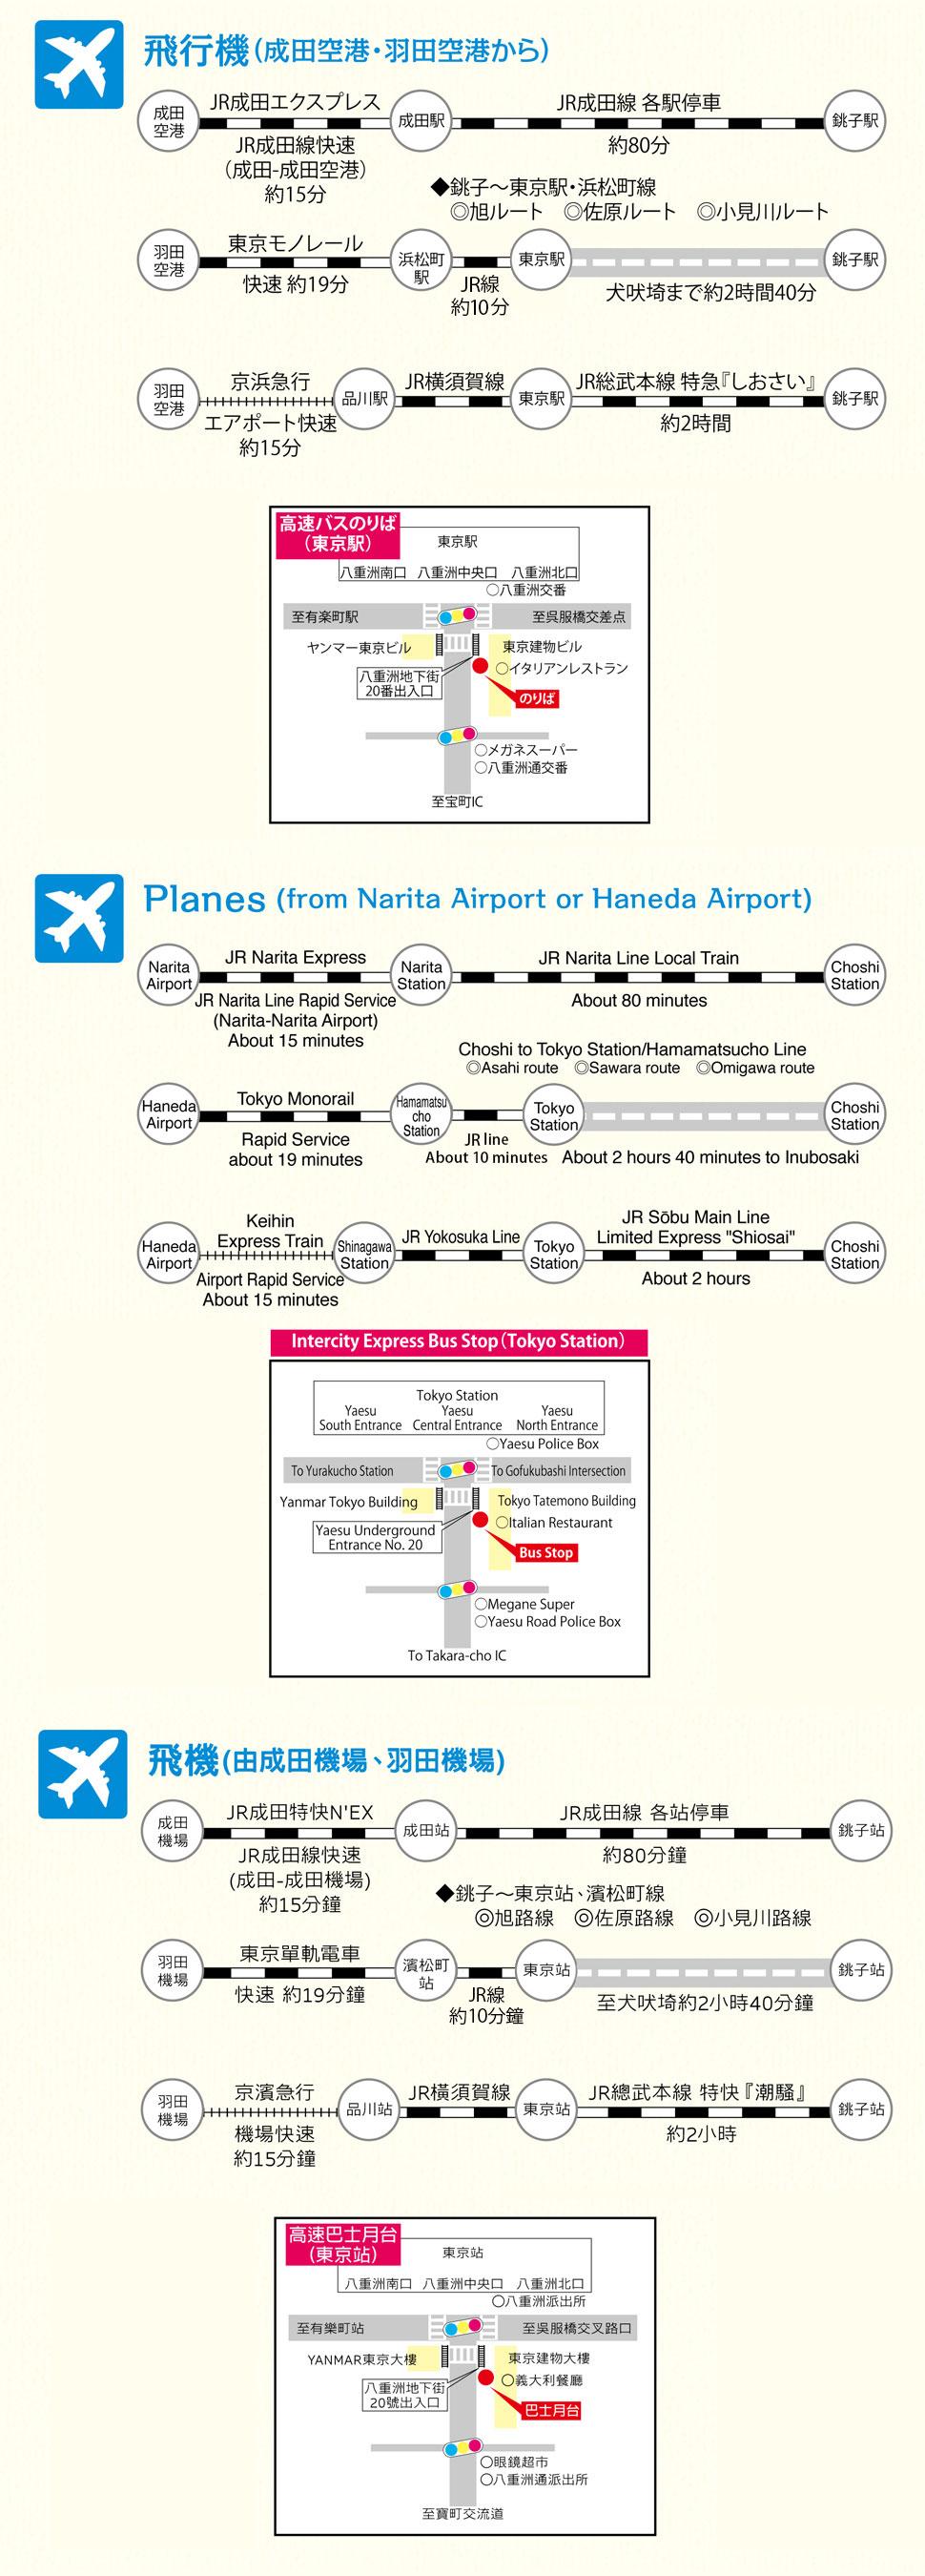 飛行機の情報